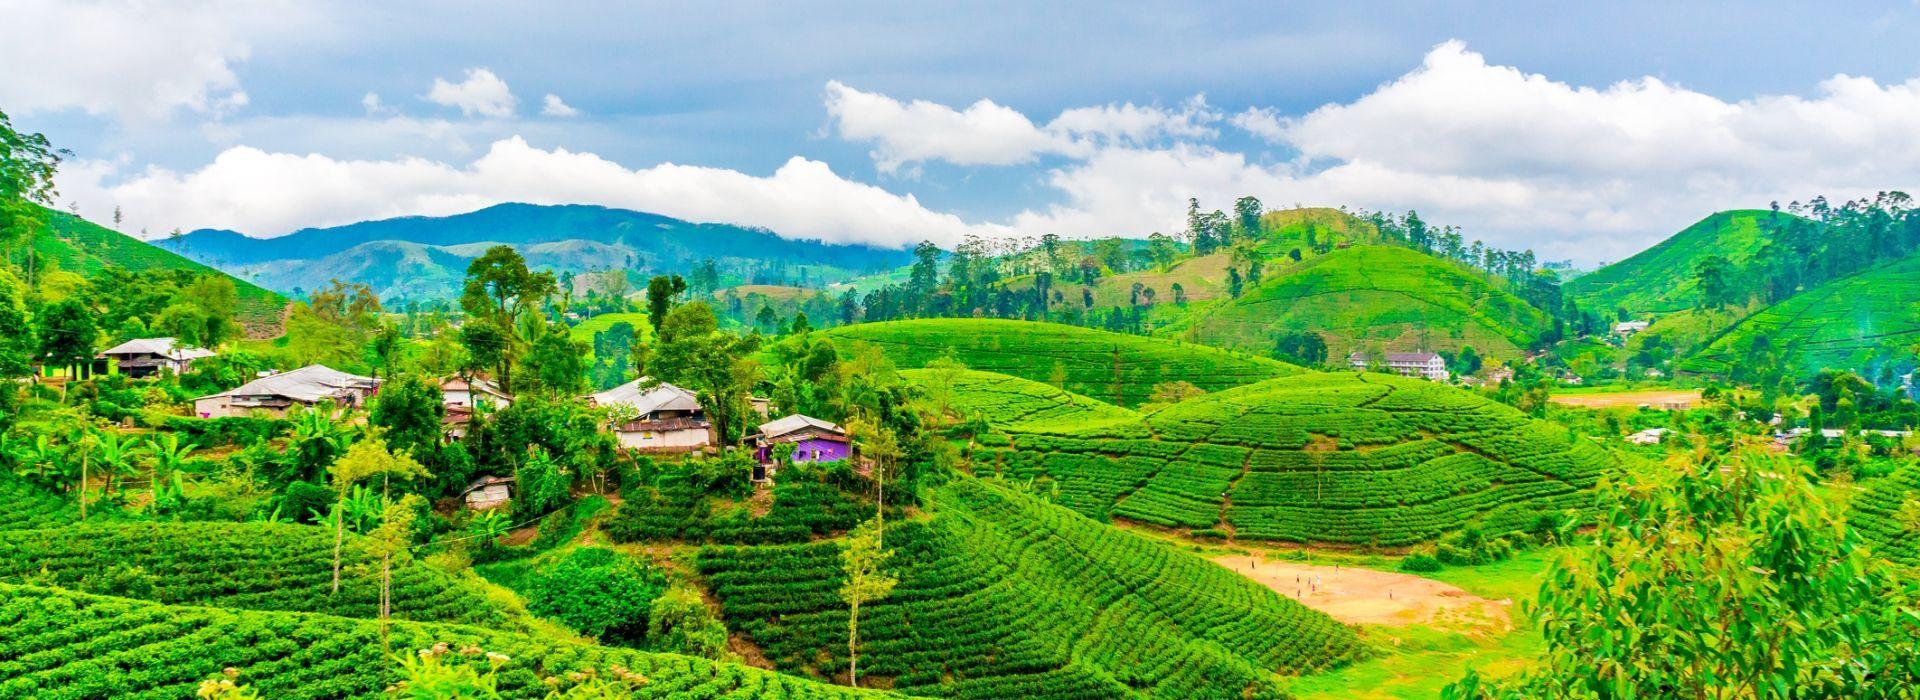 Trekking Tours in Sri Lanka